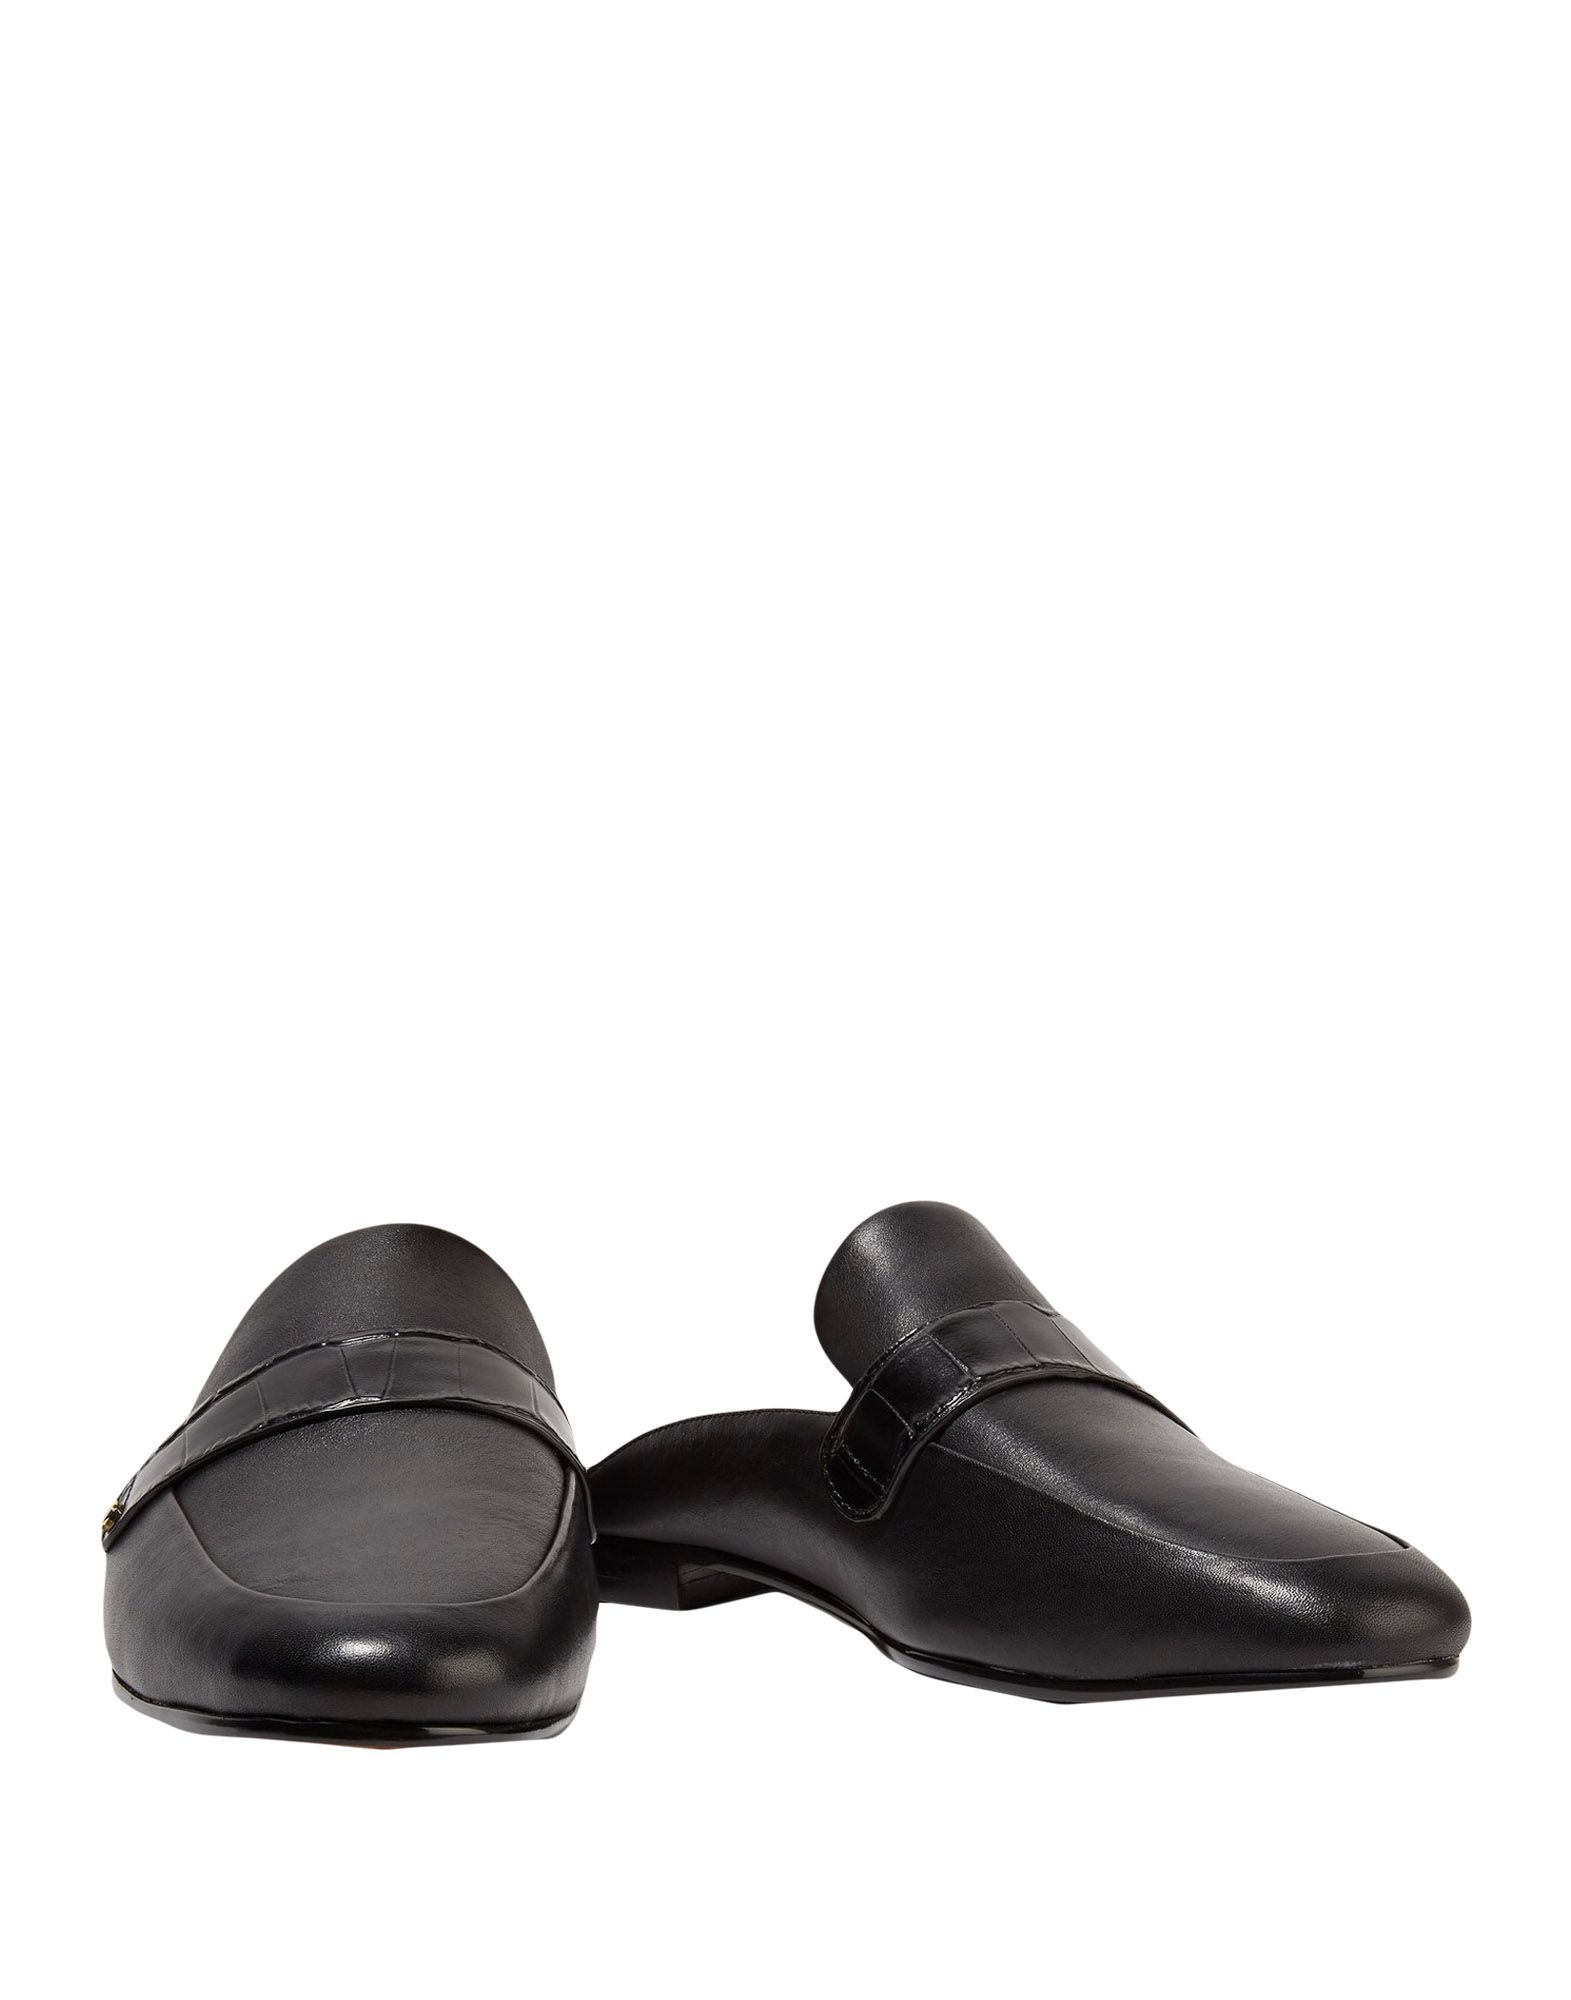 Sam Edelman Pantoletten Damen  11489697IN Gute Qualität beliebte Schuhe